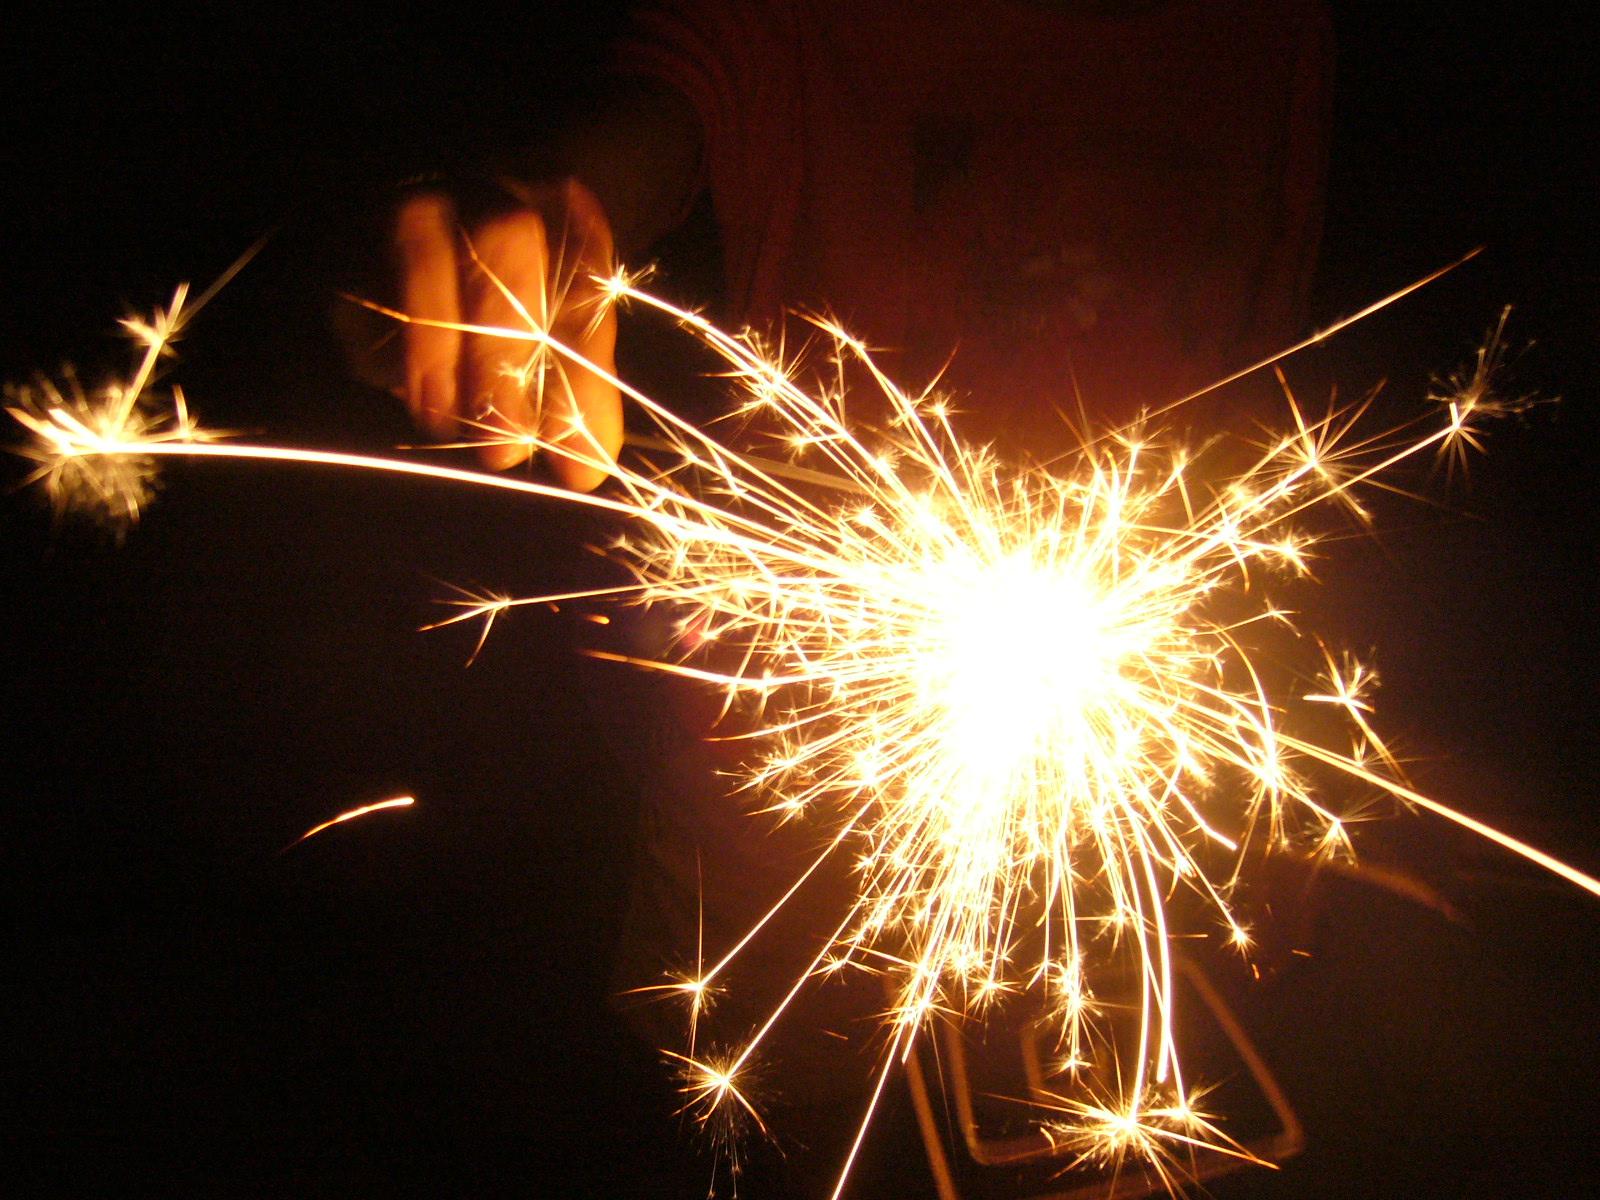 Le dieu venu d'une étoile a donné aux hommes une flamme qui les éclaire dans leur tête et brûle dans leur cœur.